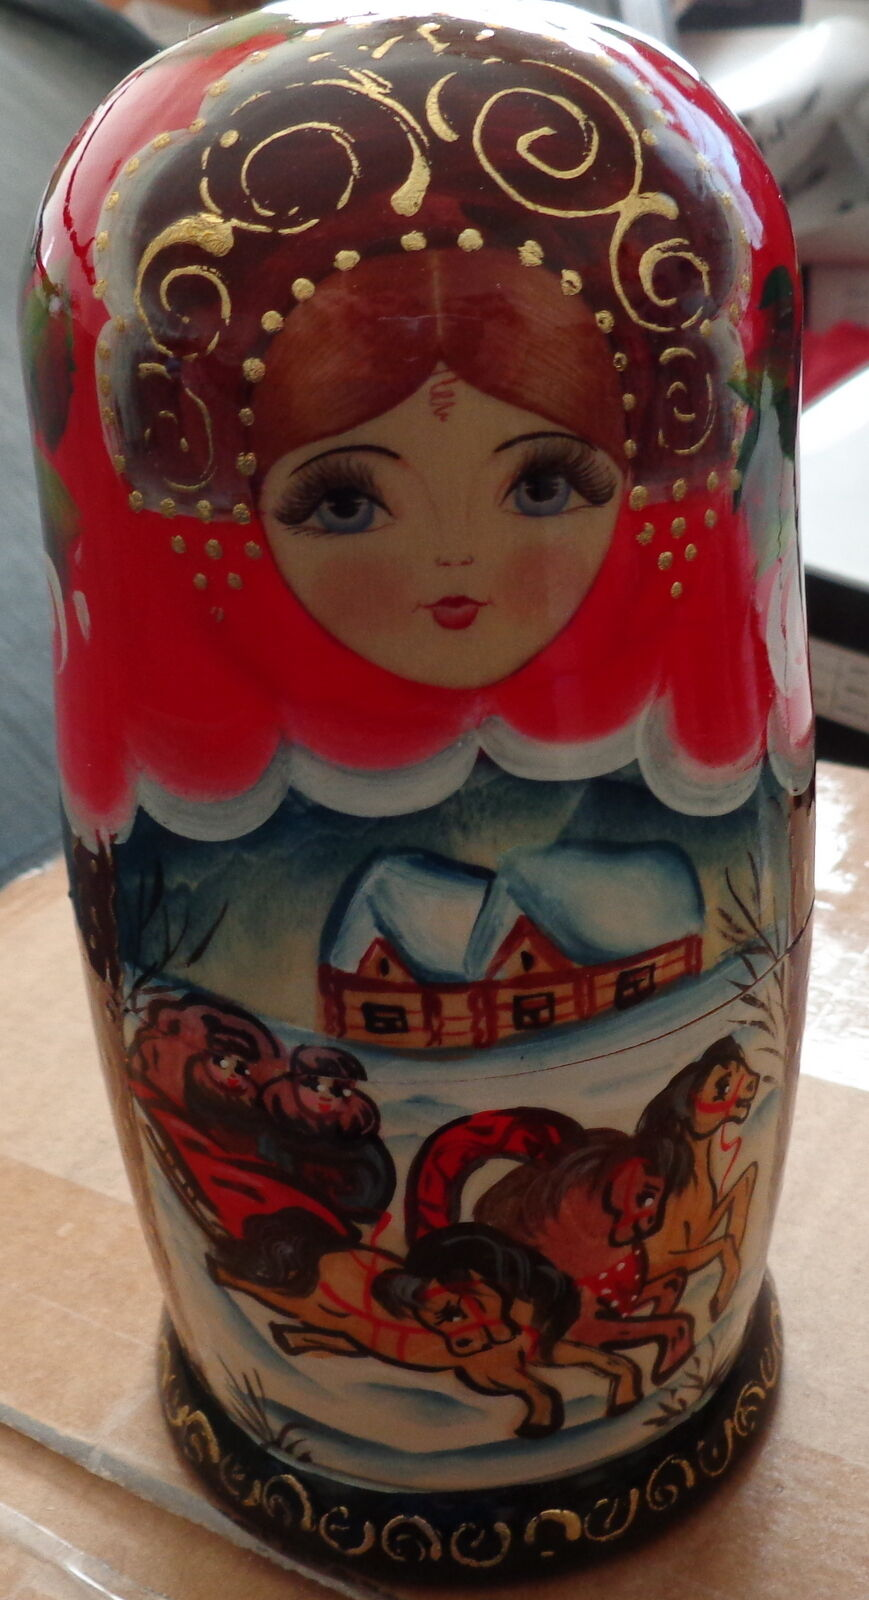 Fairy Tales Troyka Handbemalt Russische Verschachtelung Puppe 5 Pcs 17.8cm 2s